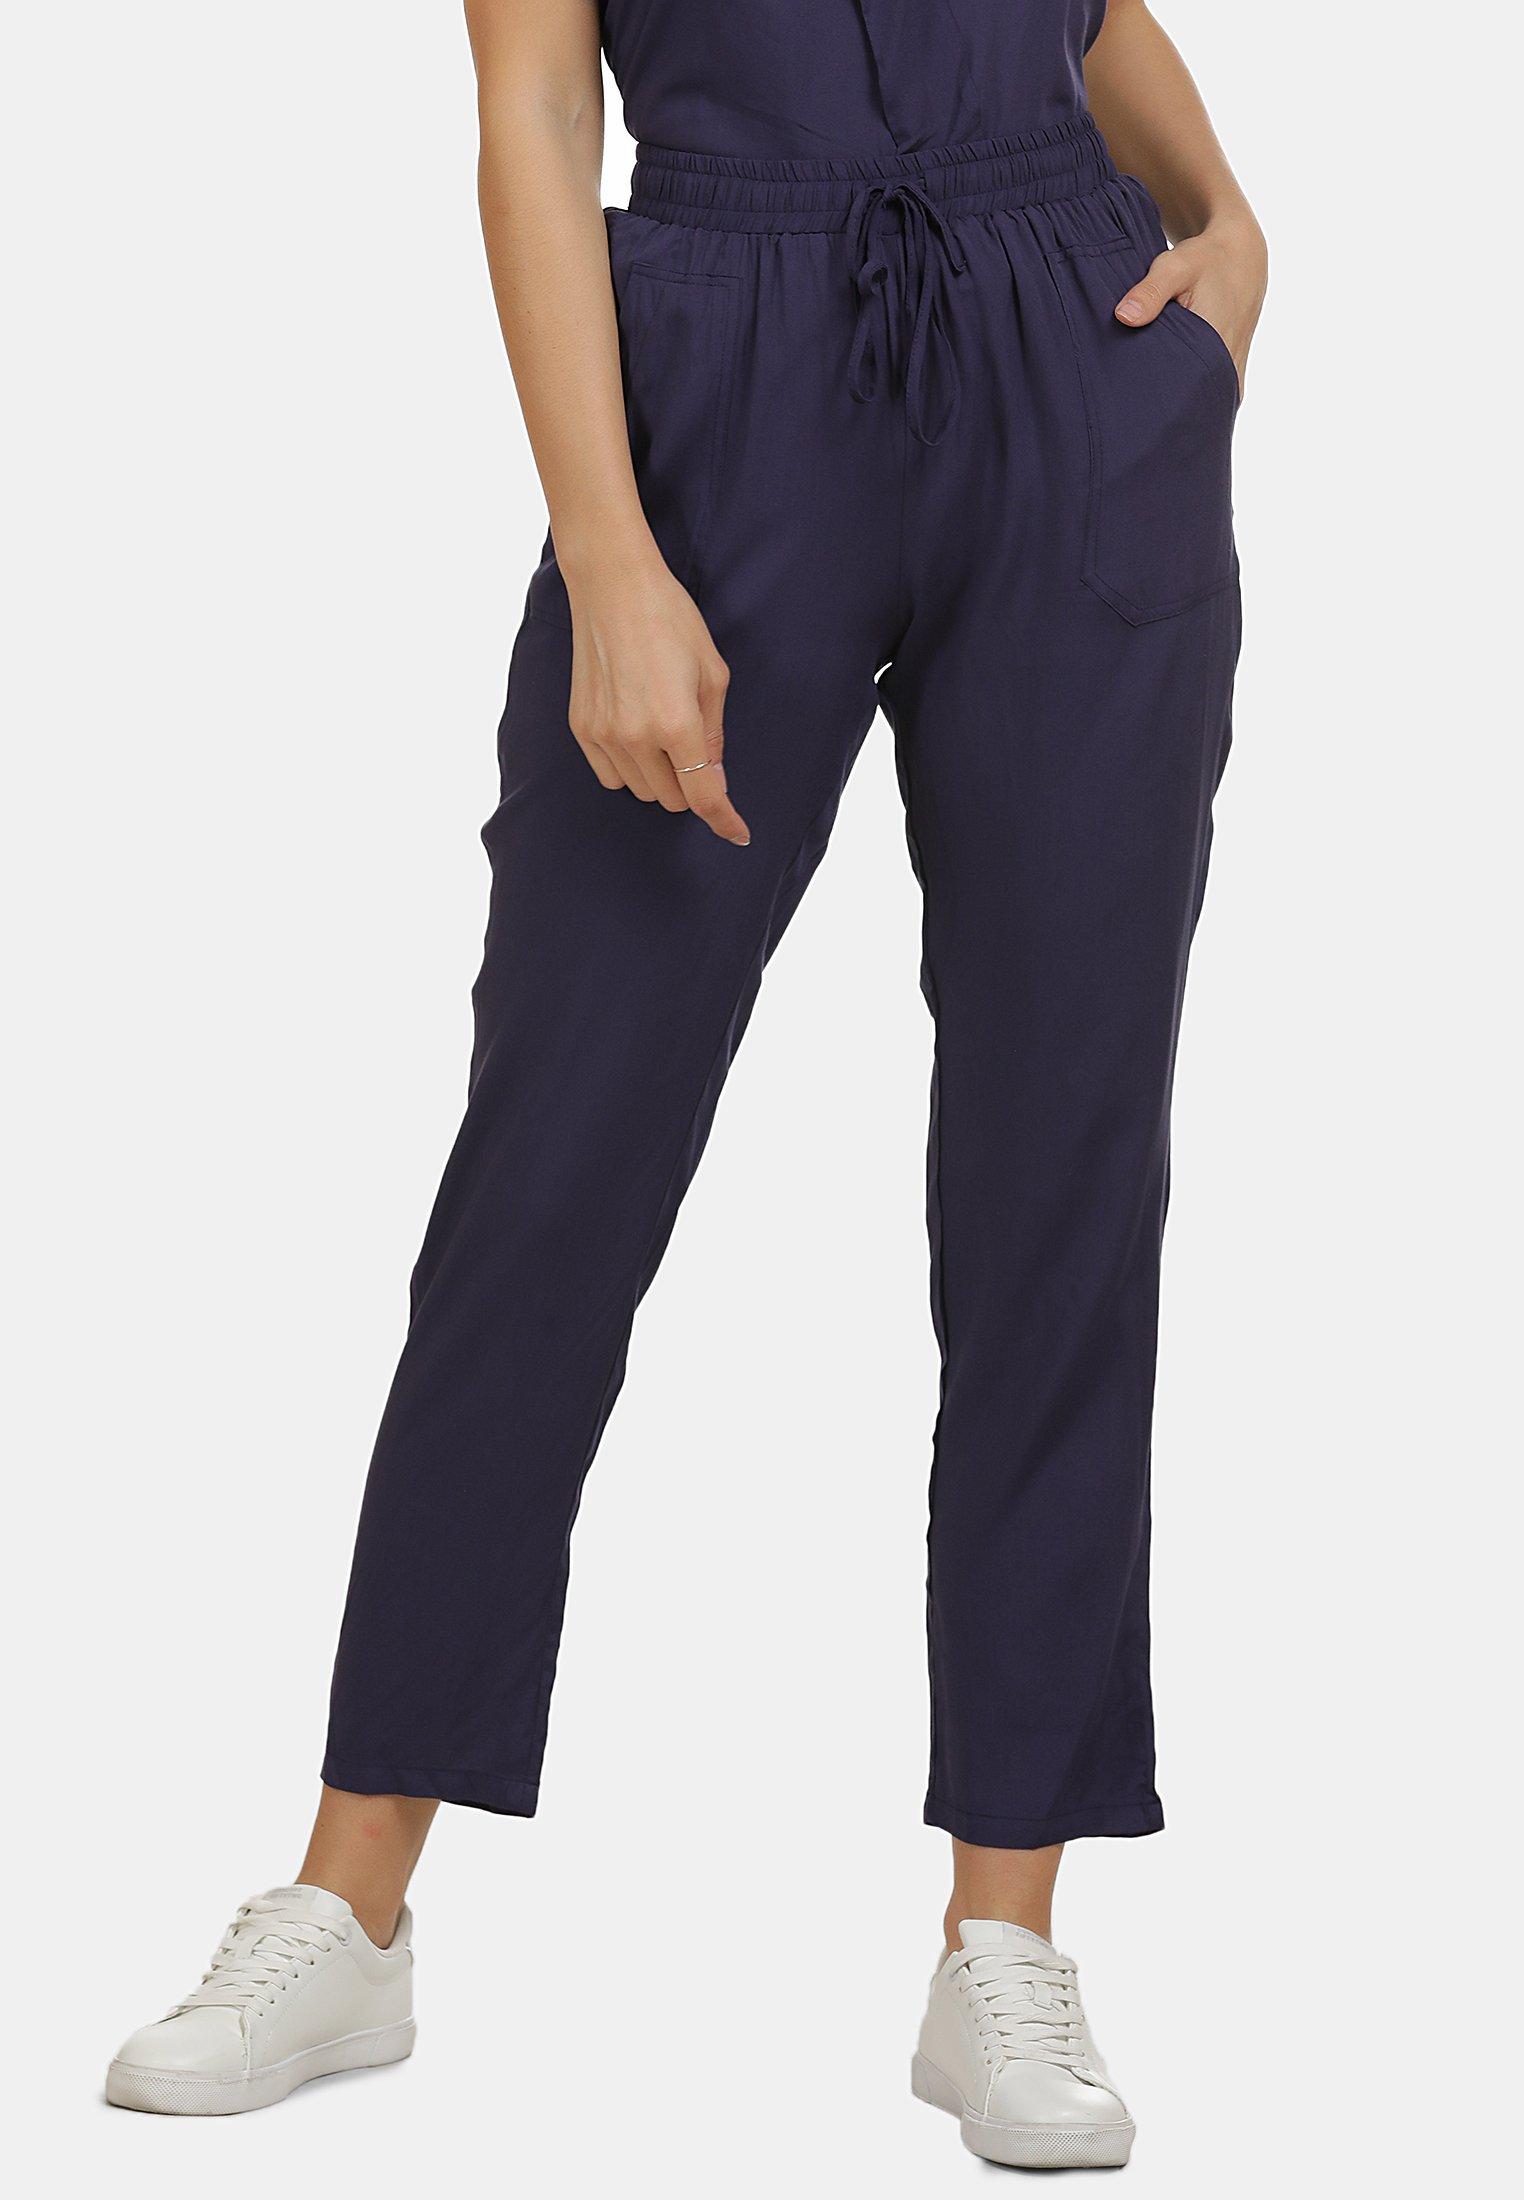 New Fashion Style Of Women's Clothing usha HOSE Trousers marine 9j8s1QoZp